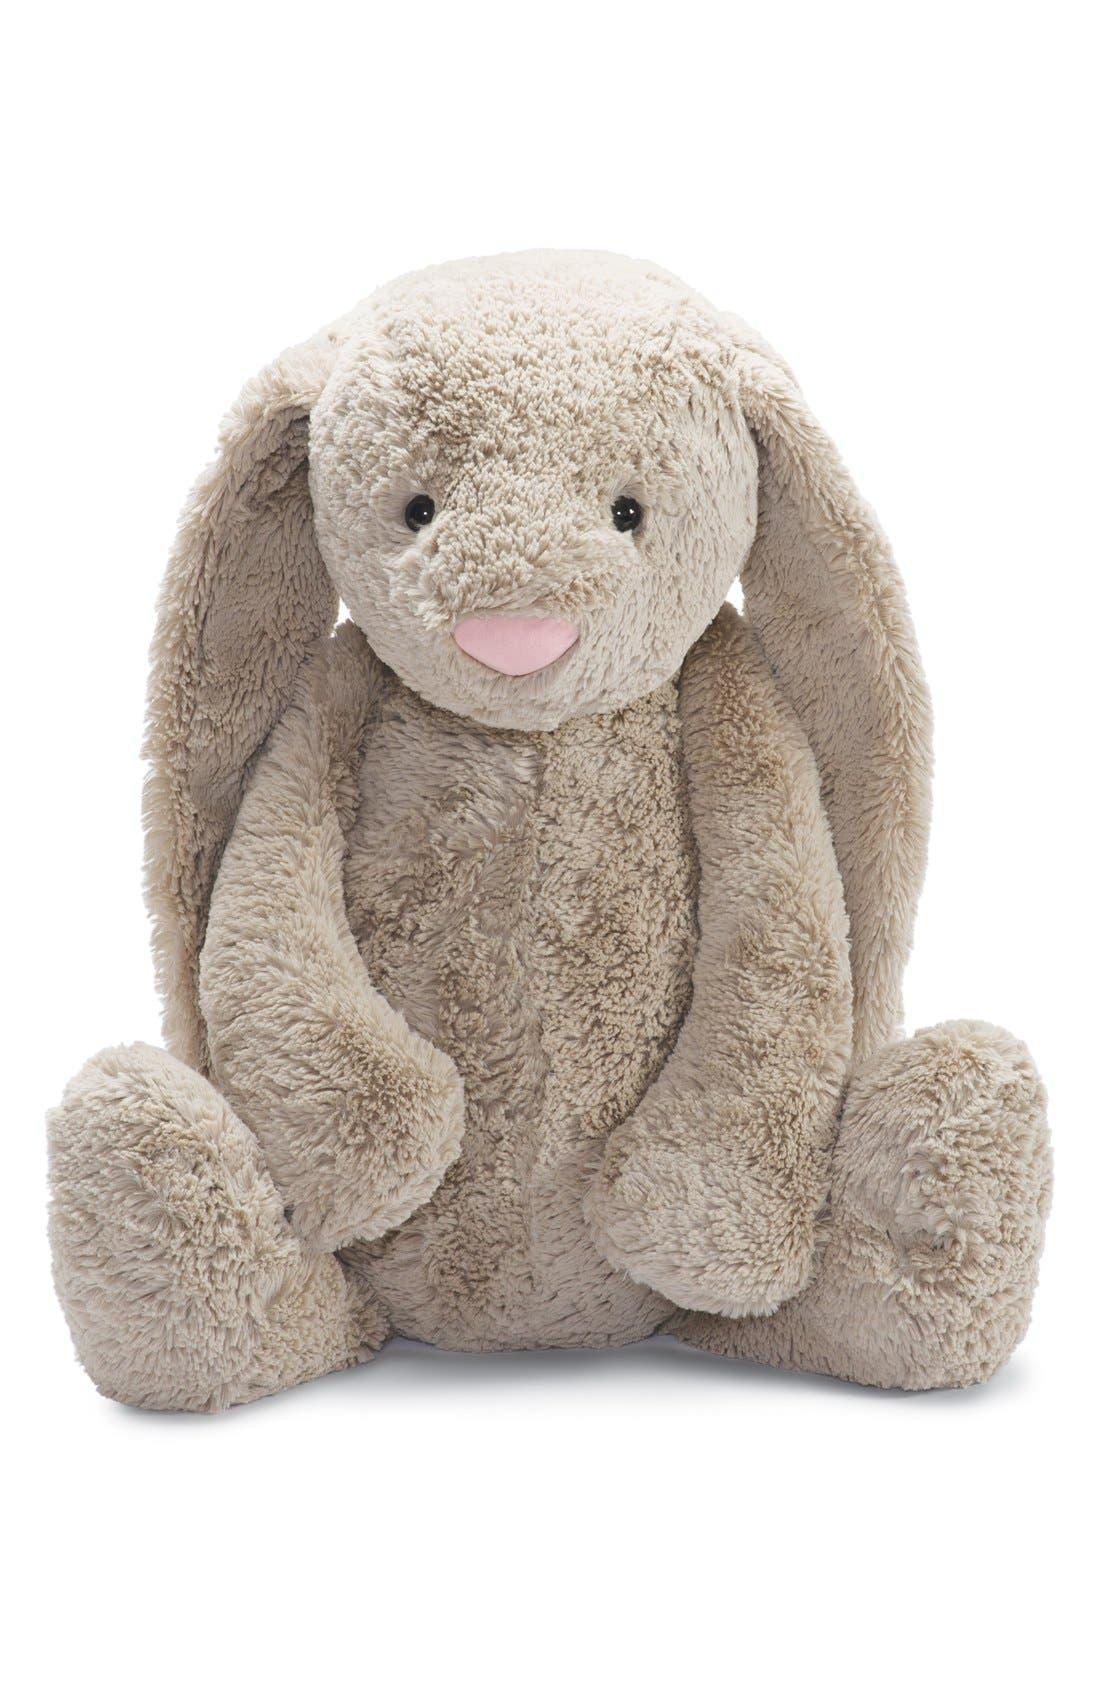 Jellycat 'Large Bashful Bunny' Stuffed Animal